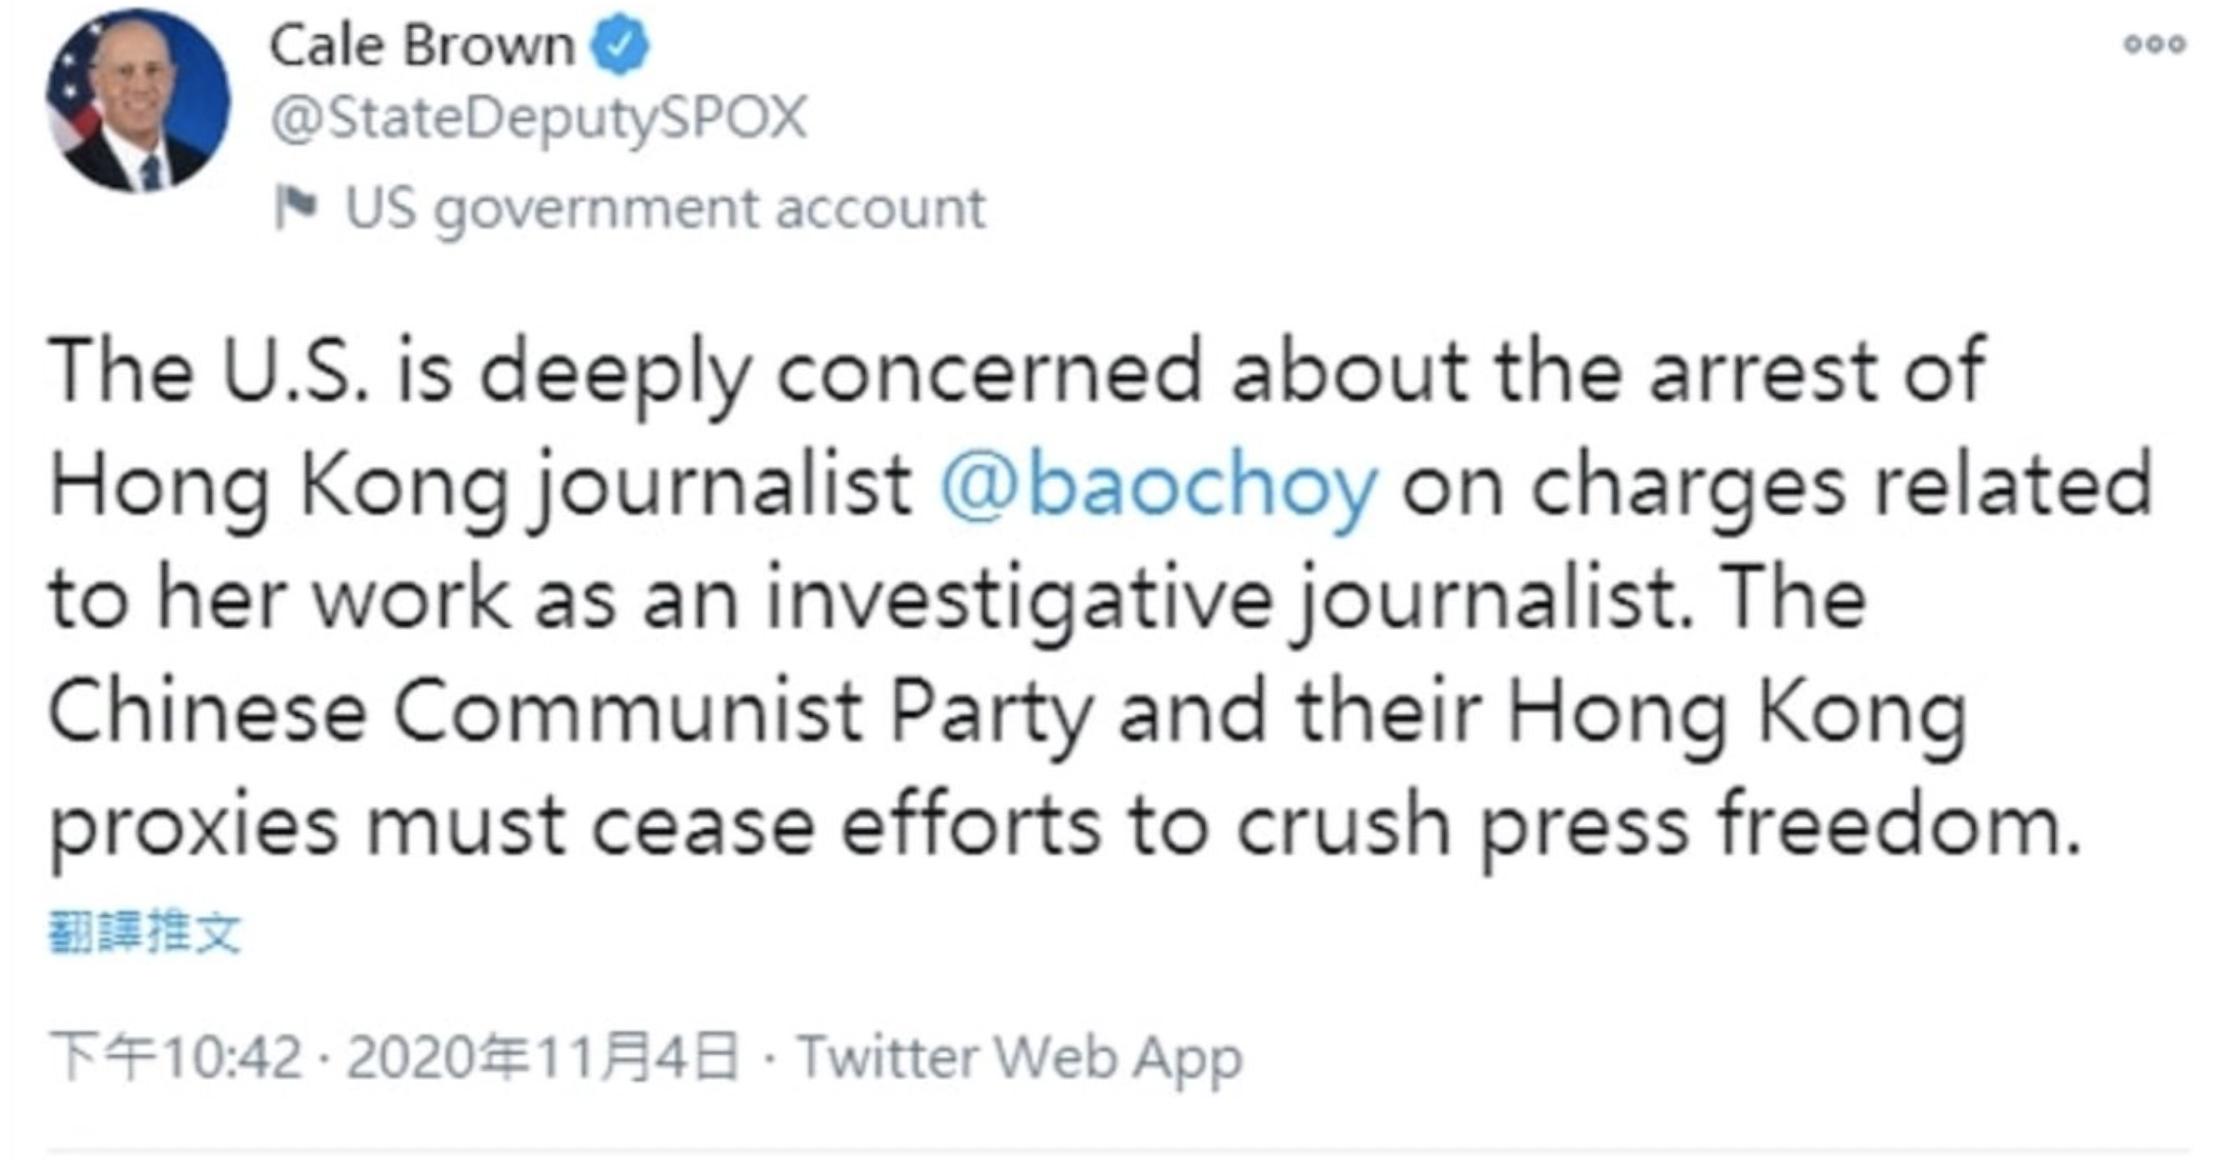 美國務院副發言人布朗(Cale Brown)11月4日在社交網站上發文深表關切,要求中共停止干預香港新聞自由.(Twiter圖片)